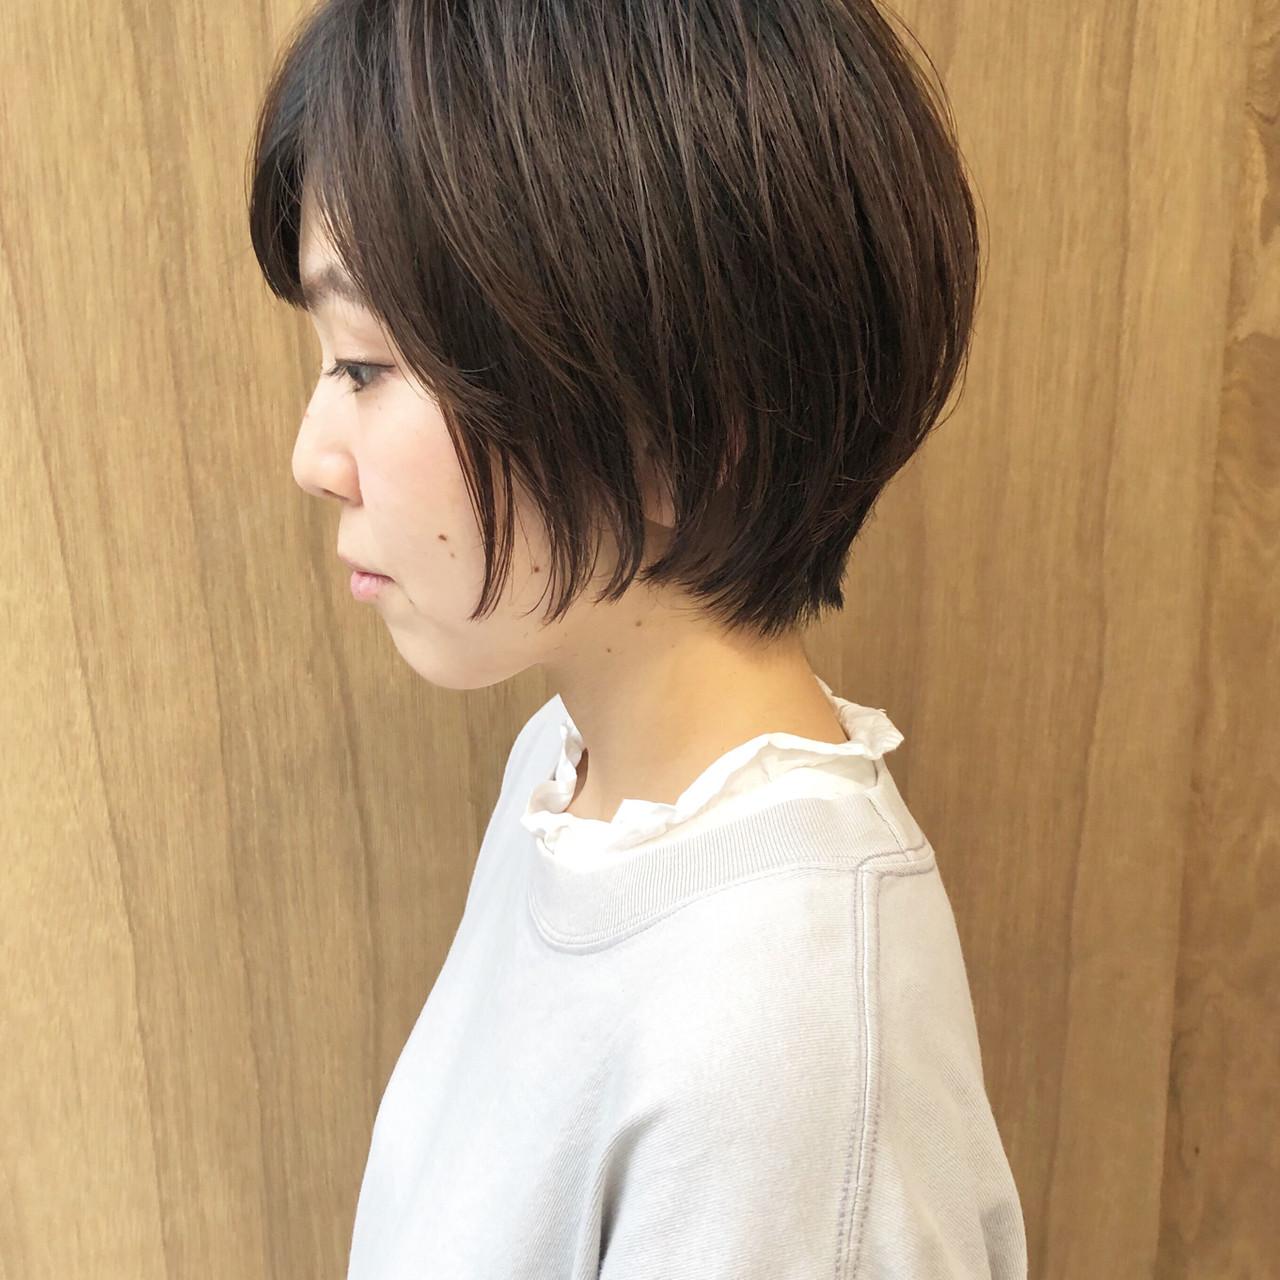 グラデーションカラー ナチュラル ボブ インナーカラー ヘアスタイルや髪型の写真・画像 | 松井勇樹 / TWiGGY  歩行町店